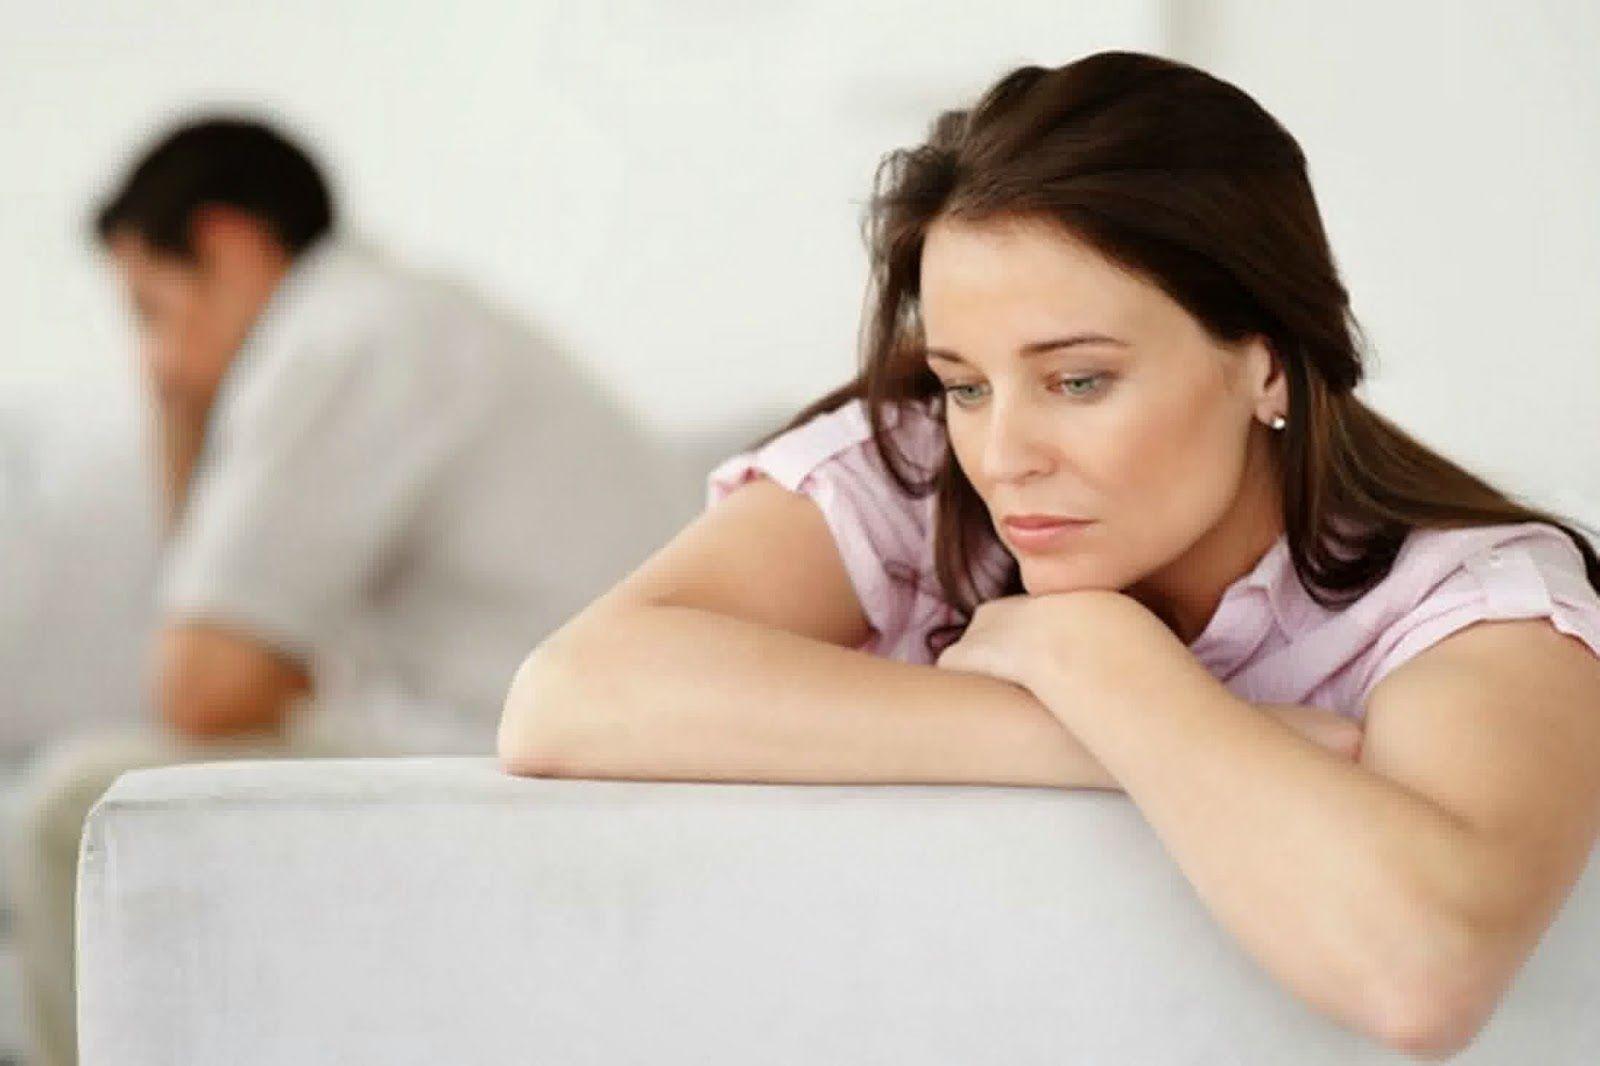 اسرة سعيدة الاسرة السعيدة والحقوق الشخصية للزوجة Unhappy Marriage Marriage Problems Loveless Marriage